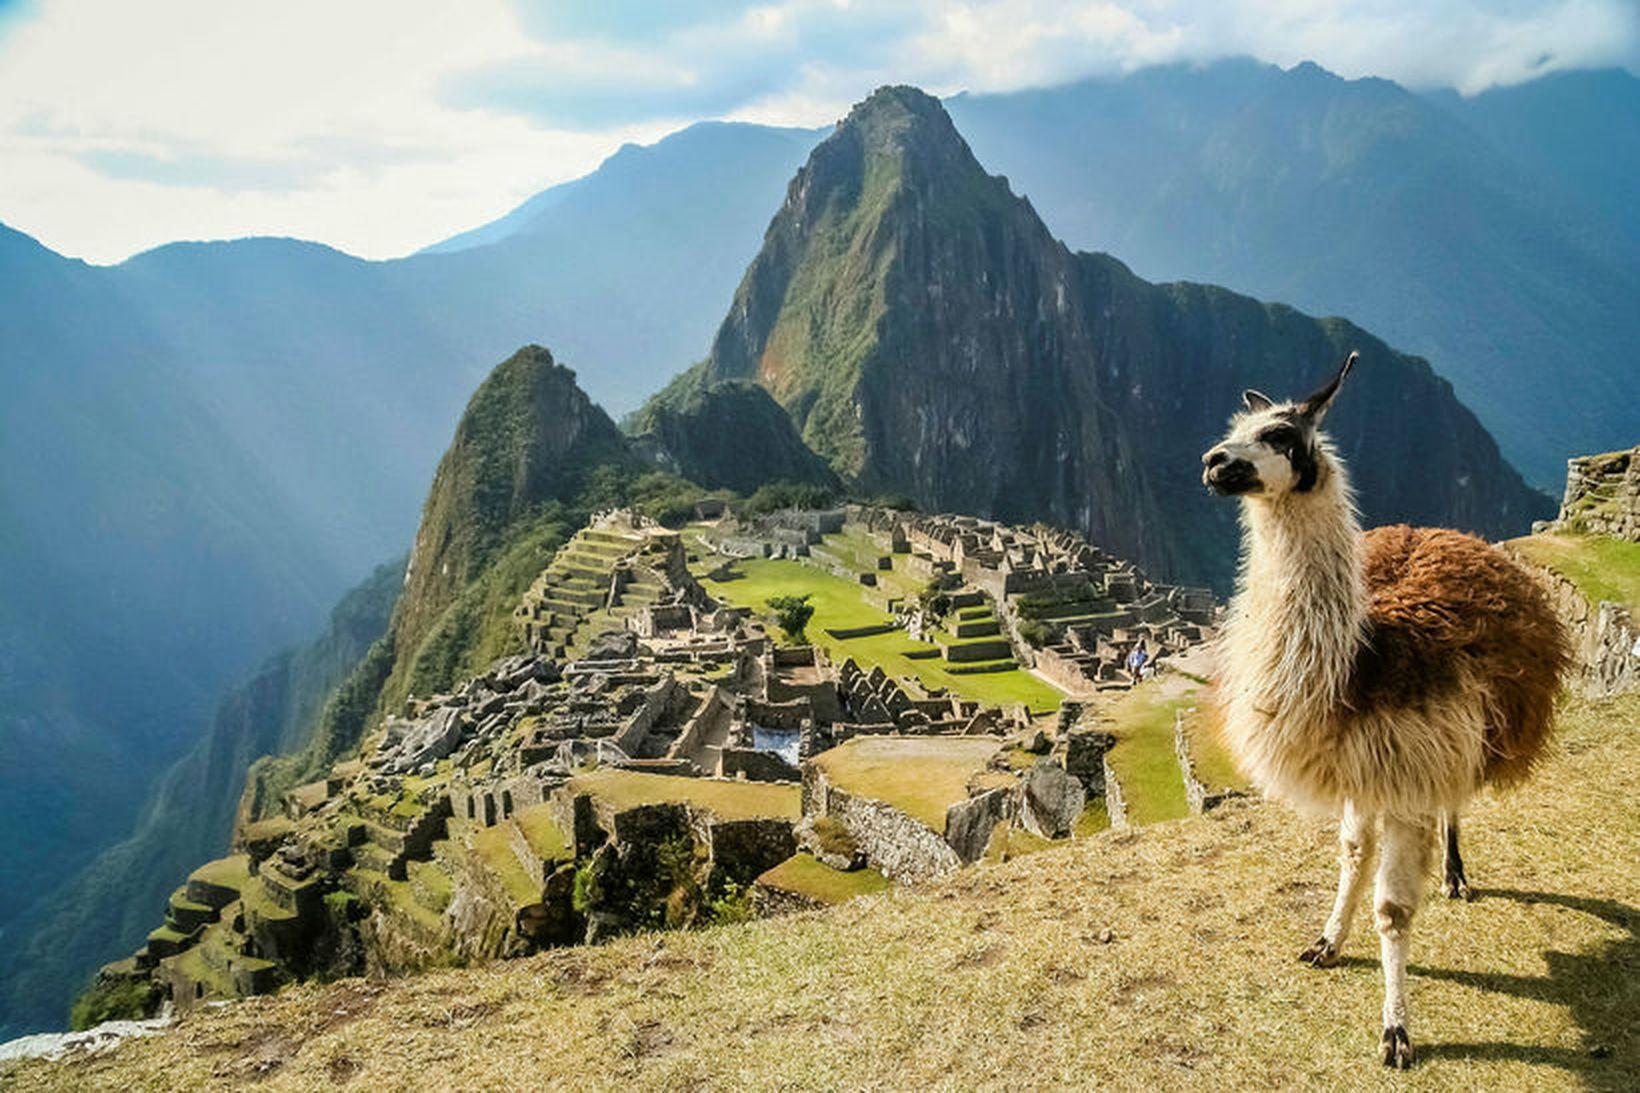 Engir ferðamenn hafa fengið að koma að Machu Picchu í …